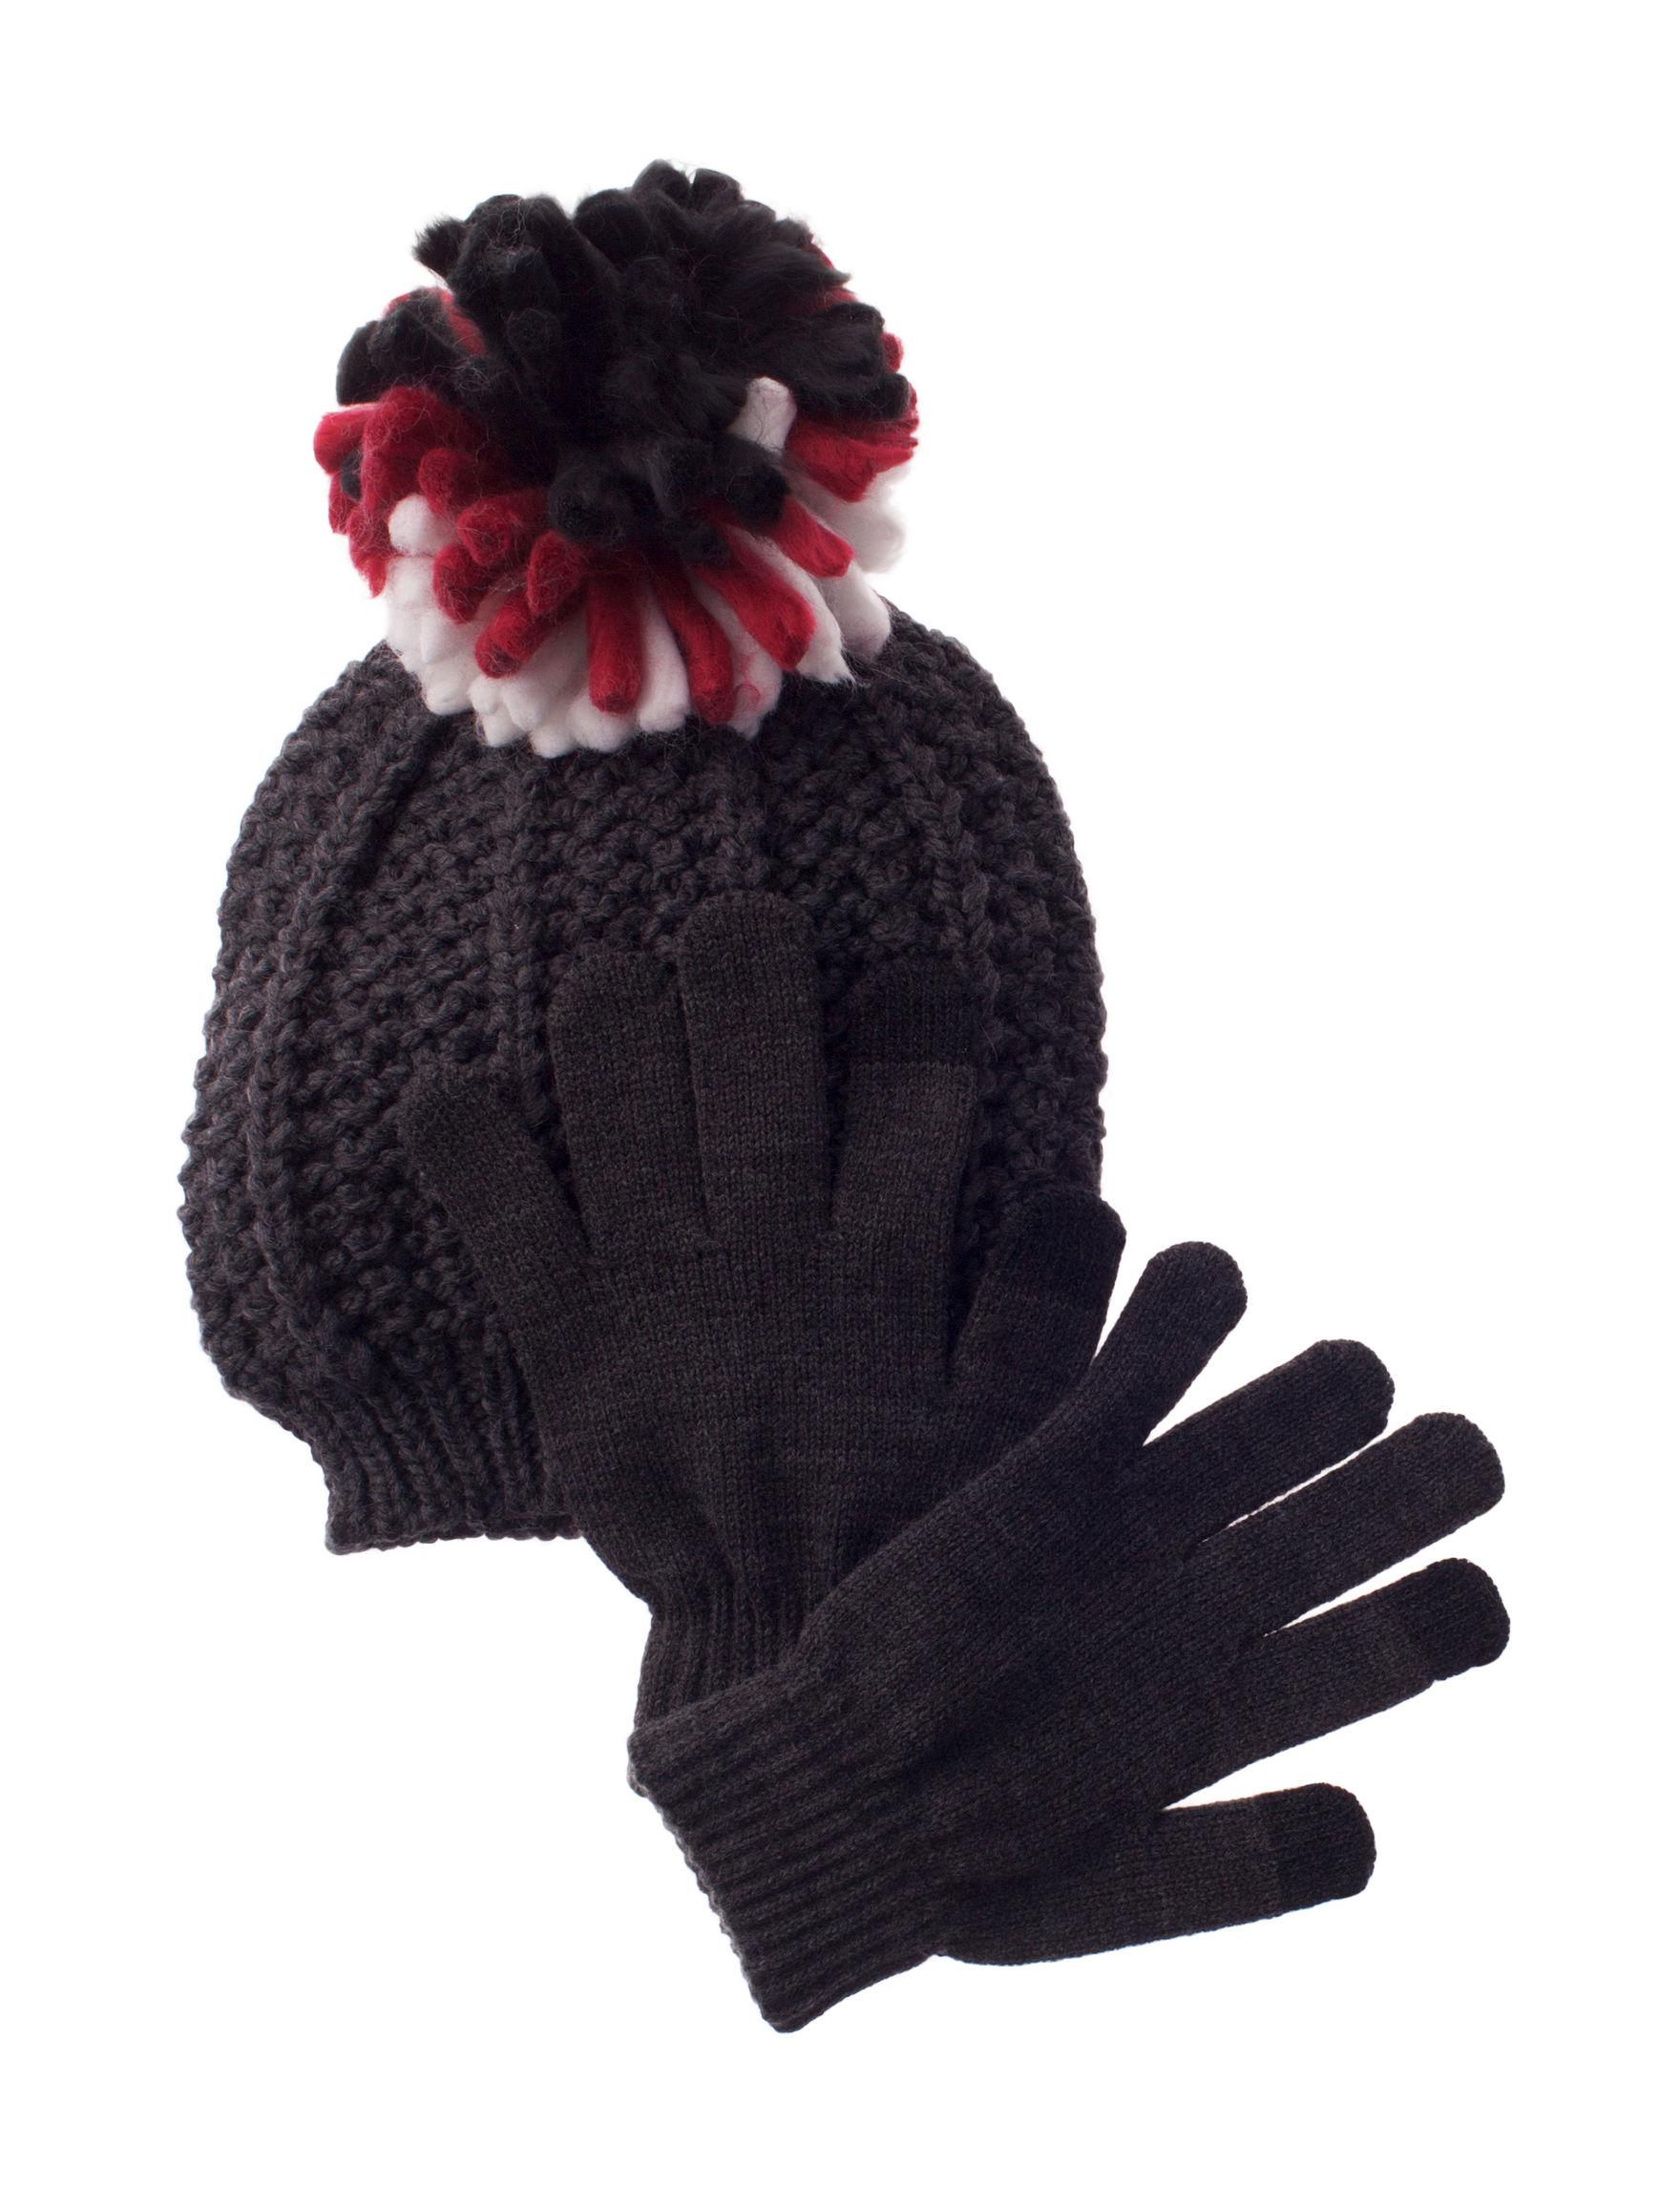 Steve Madden Grey Hats & Headwear